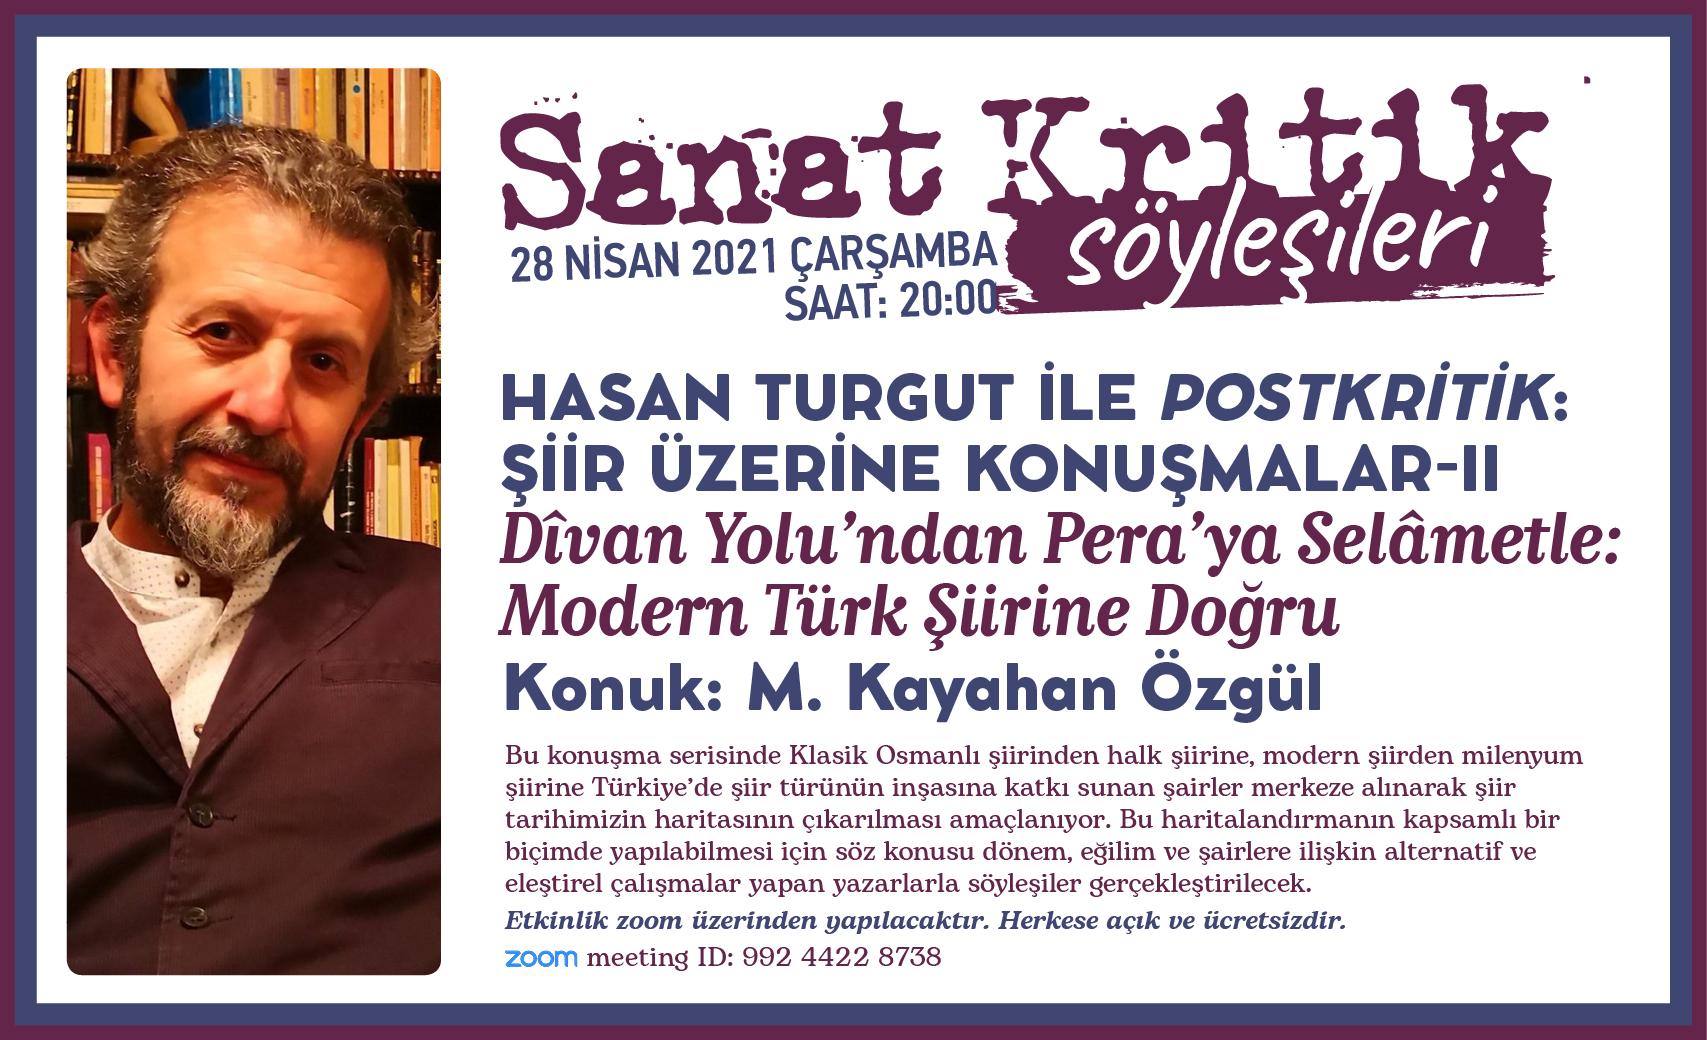 Sanat-Kritik-soylesi_postkritik3